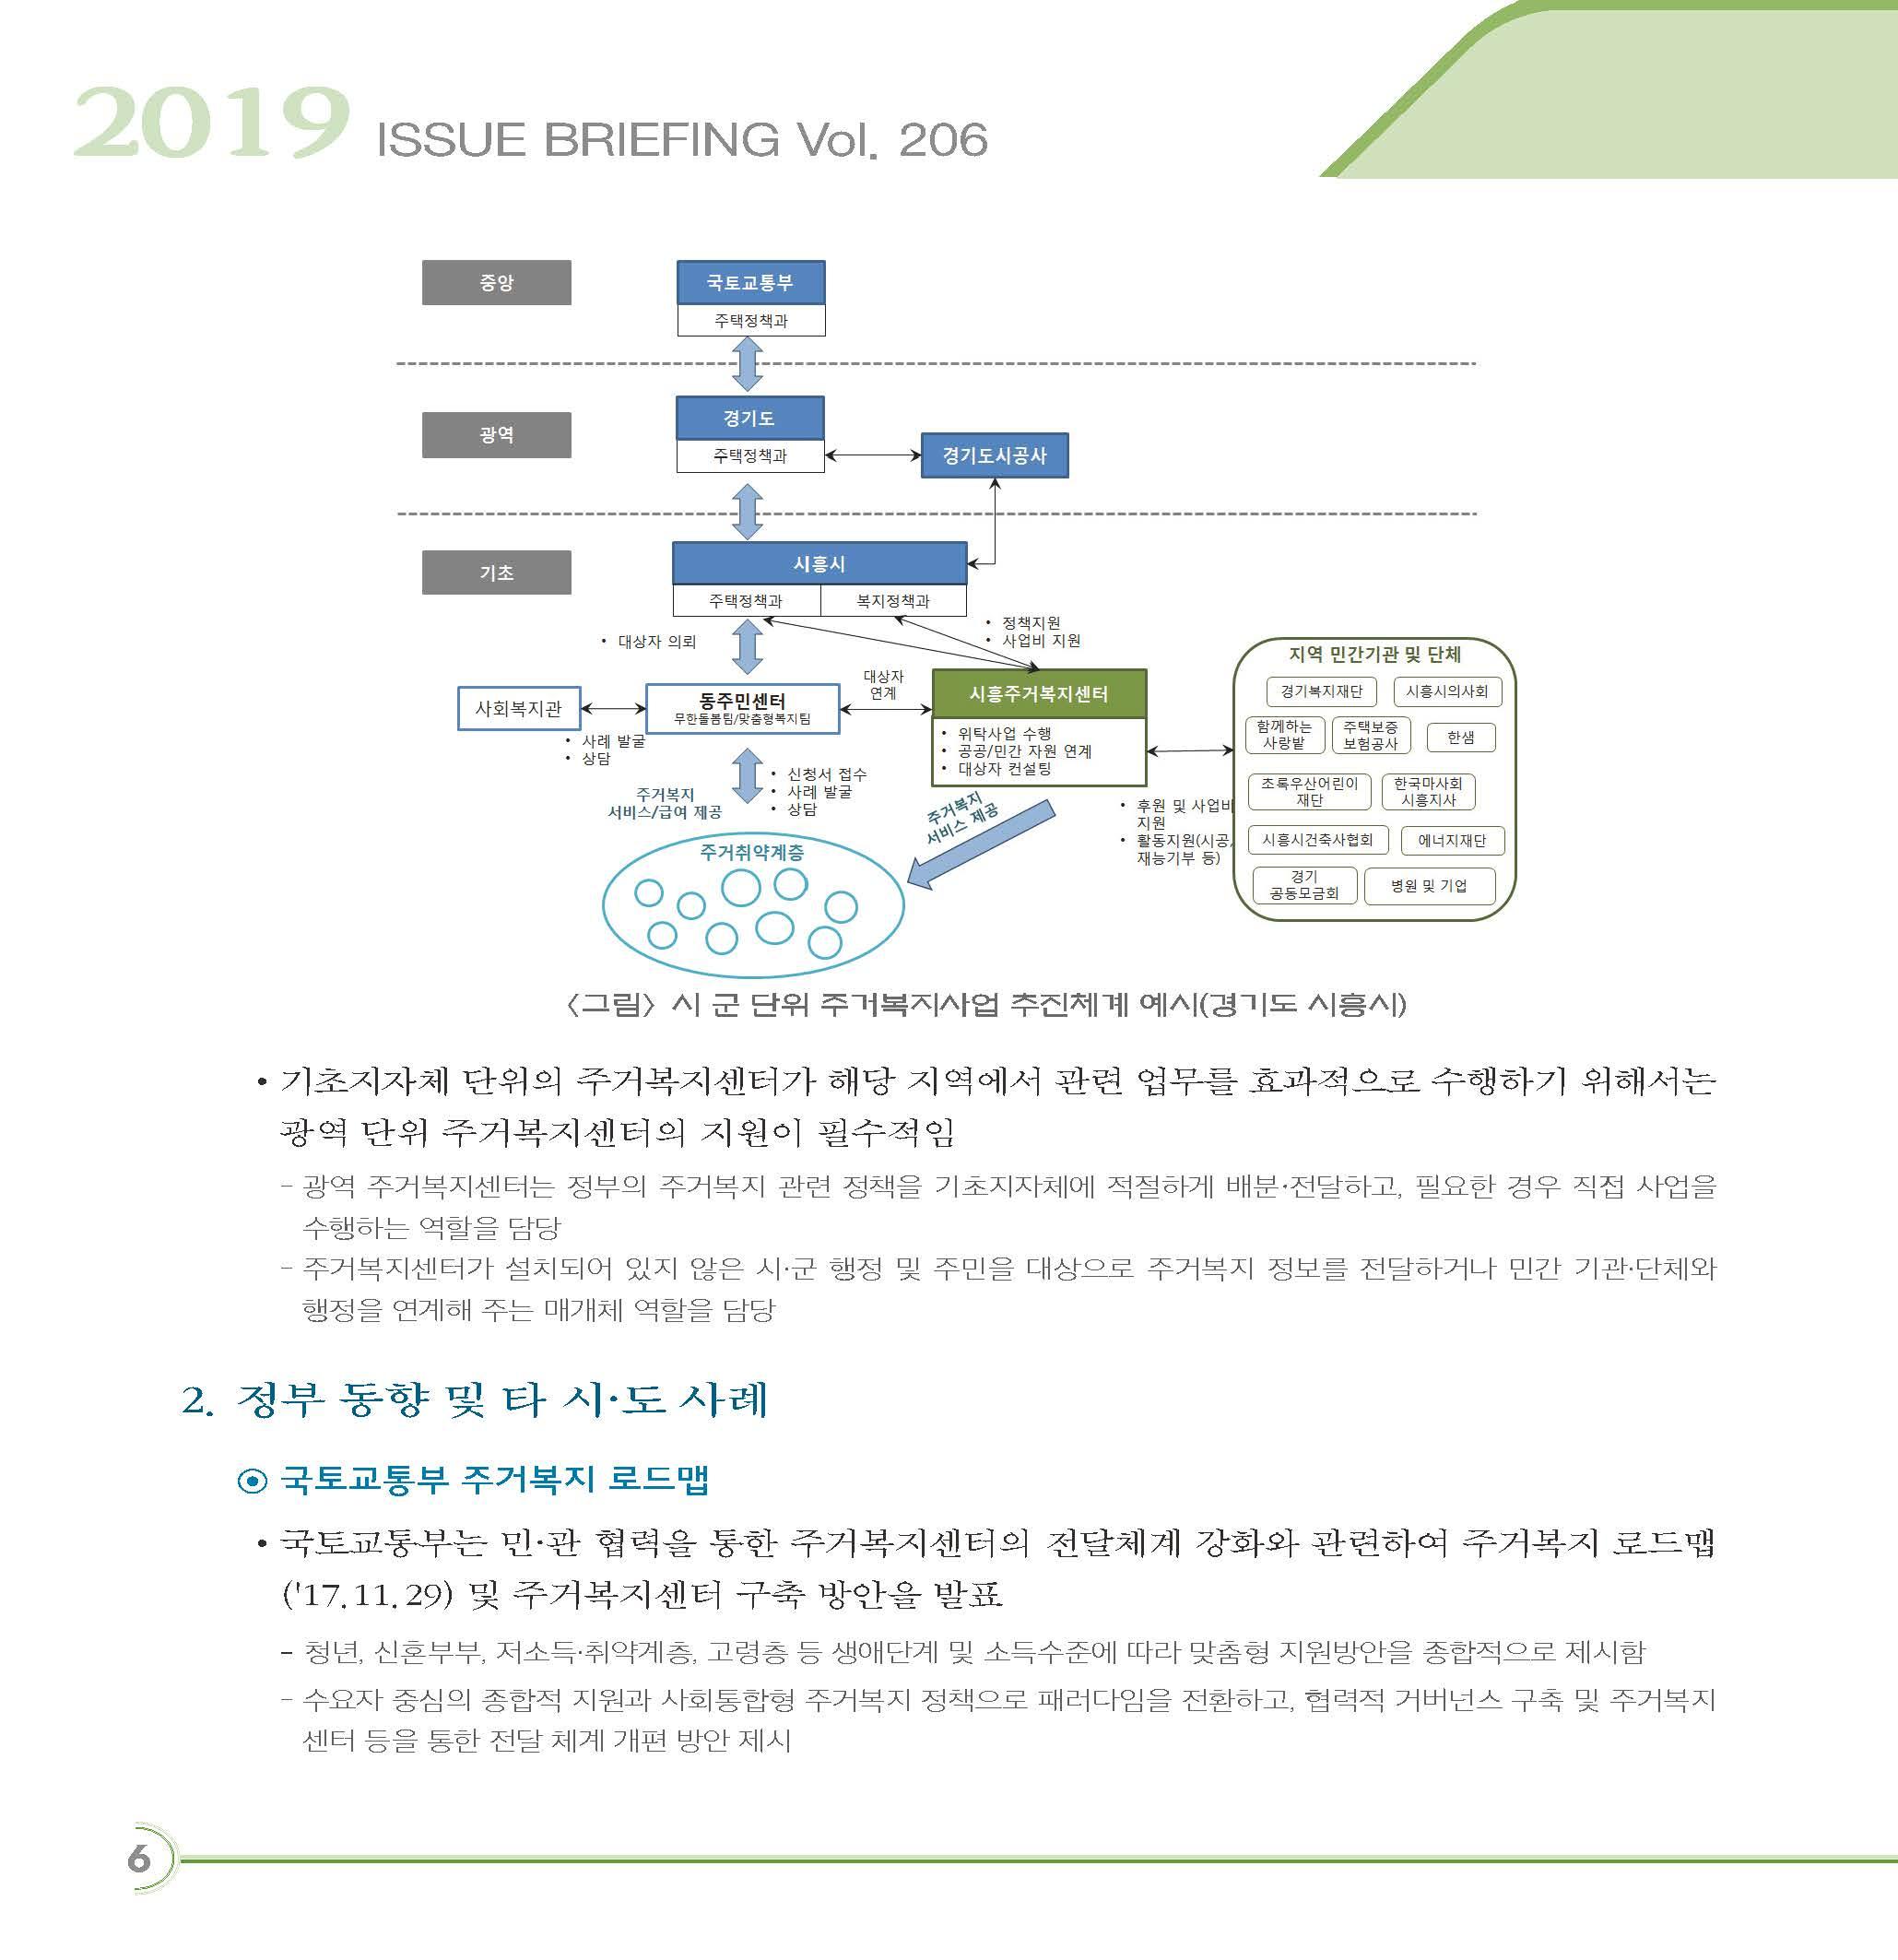 [이슈브리핑 206호]_전라북도 주거복지센터 설립이 필요하다_페이지_06.jpg